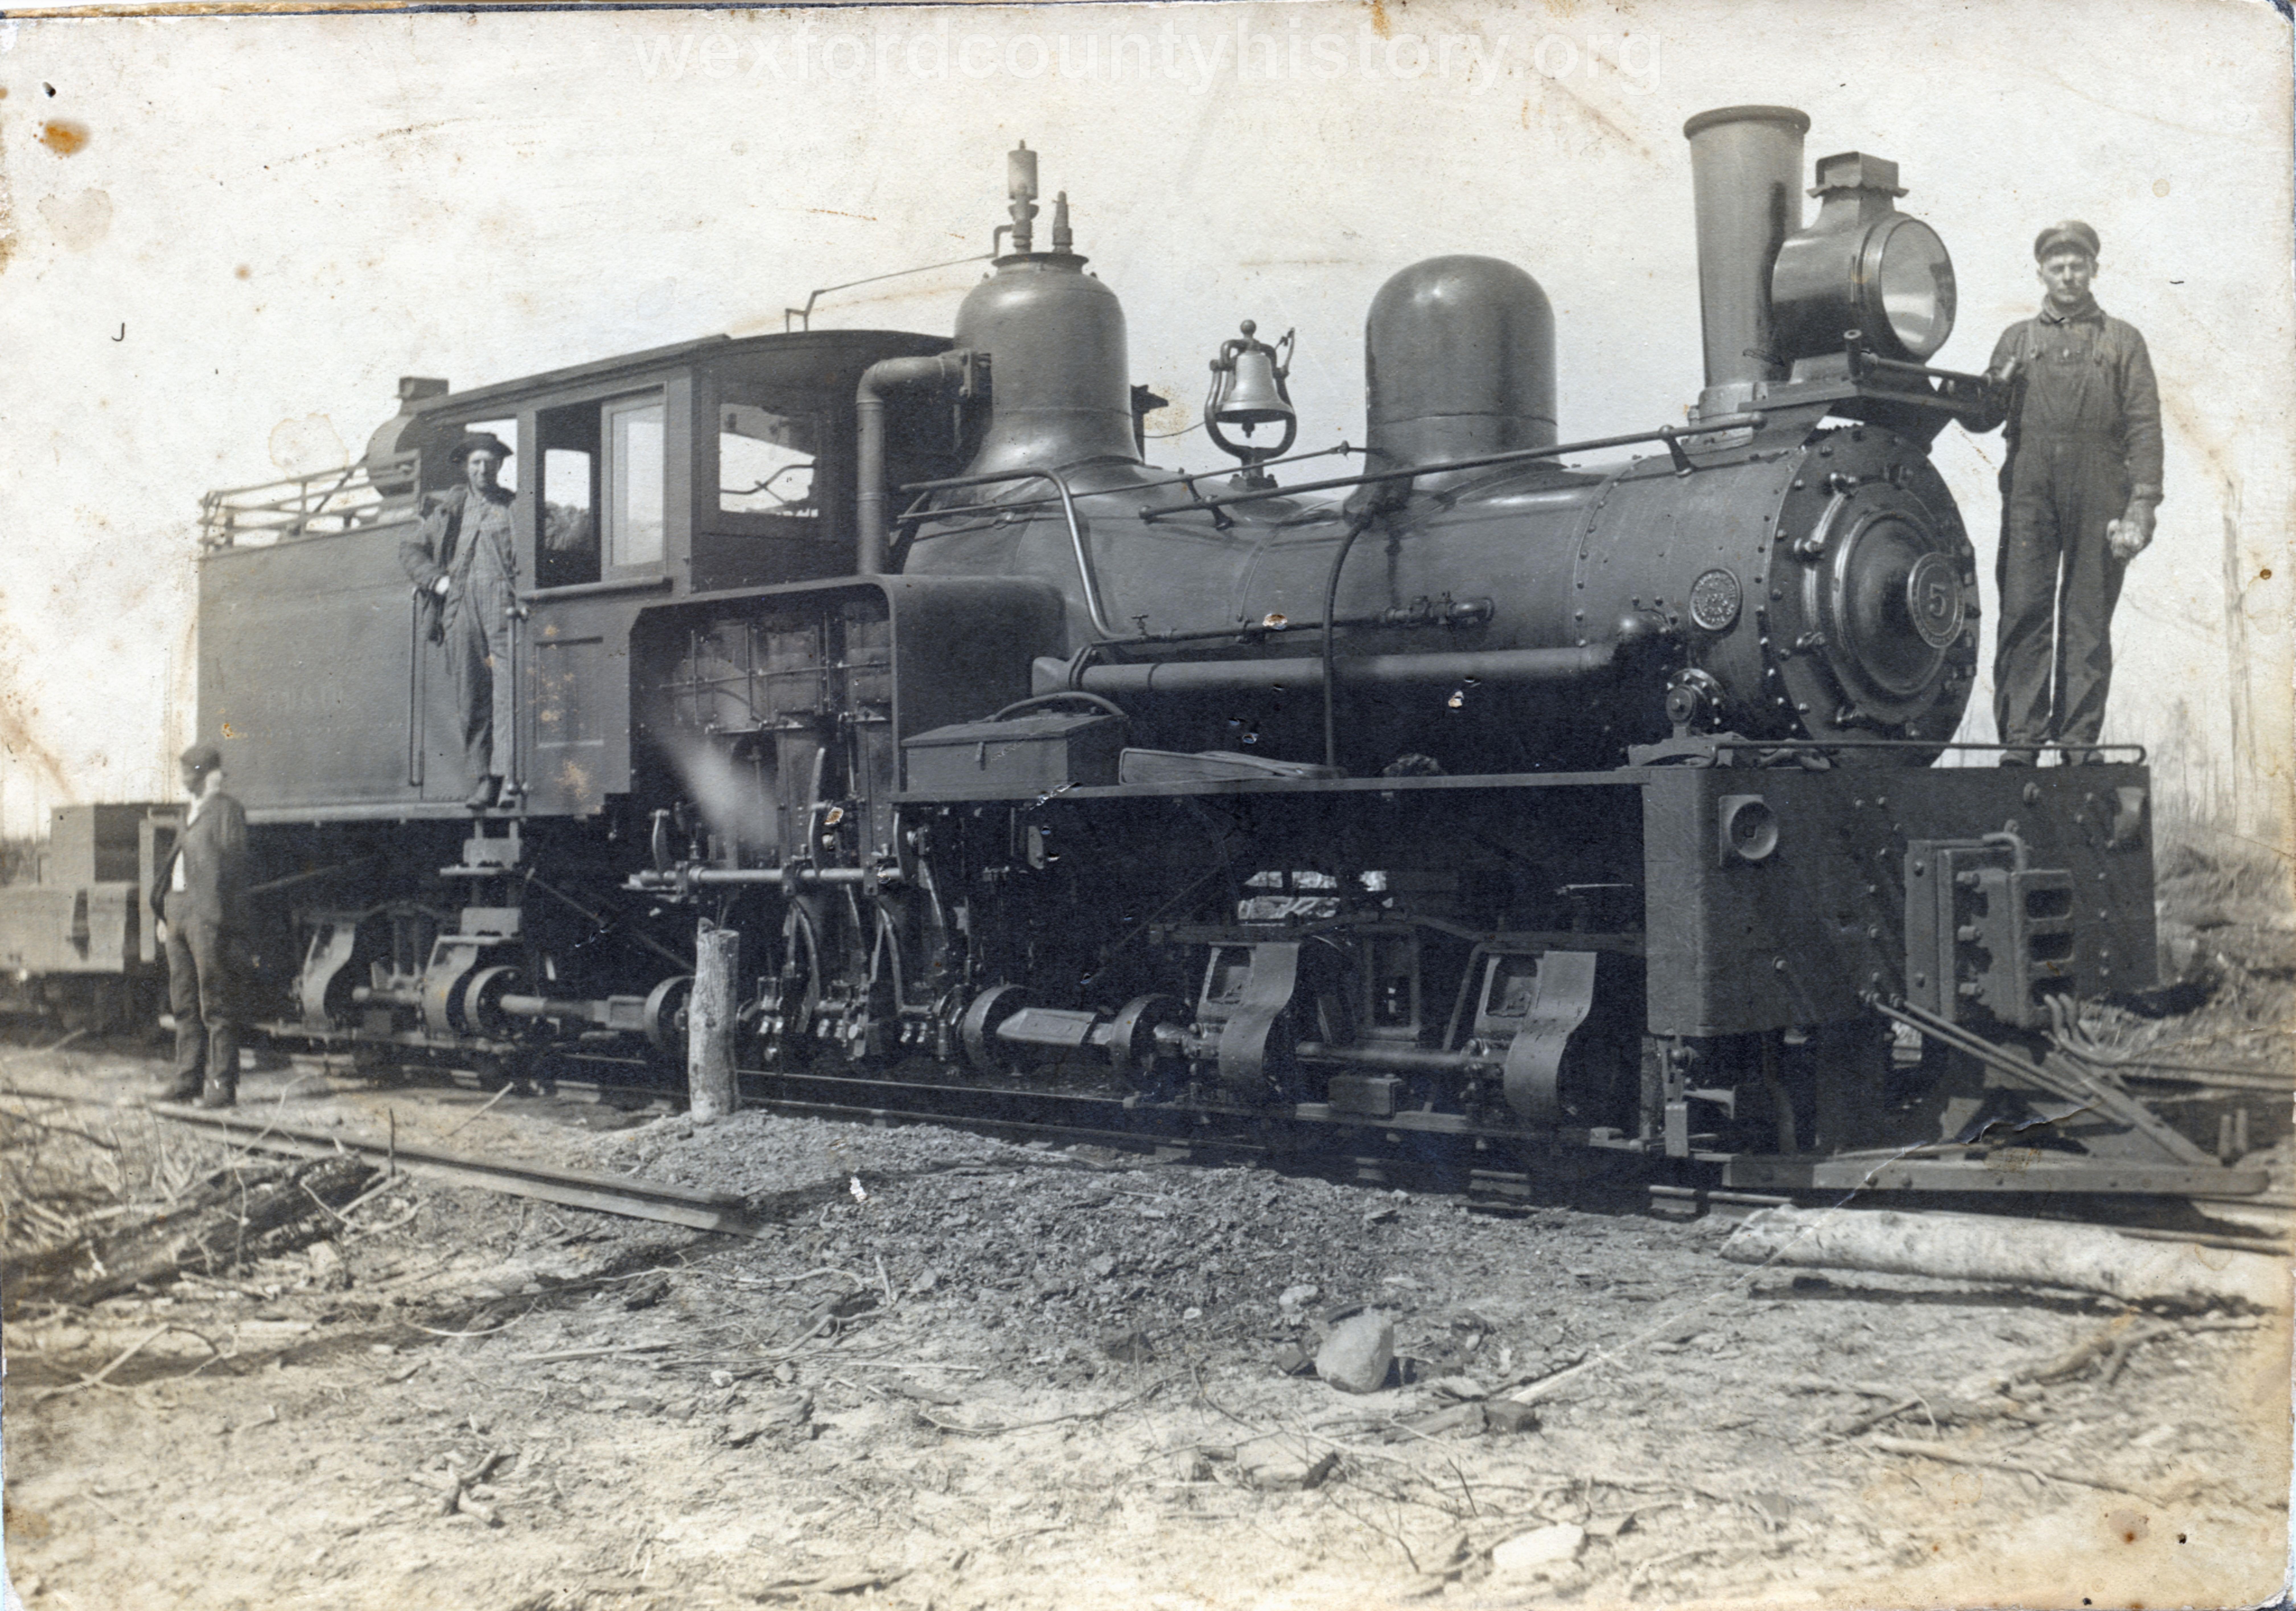 Cadillac-Railroad-Loco-5-Shay-unk-v1-Wexford-mus